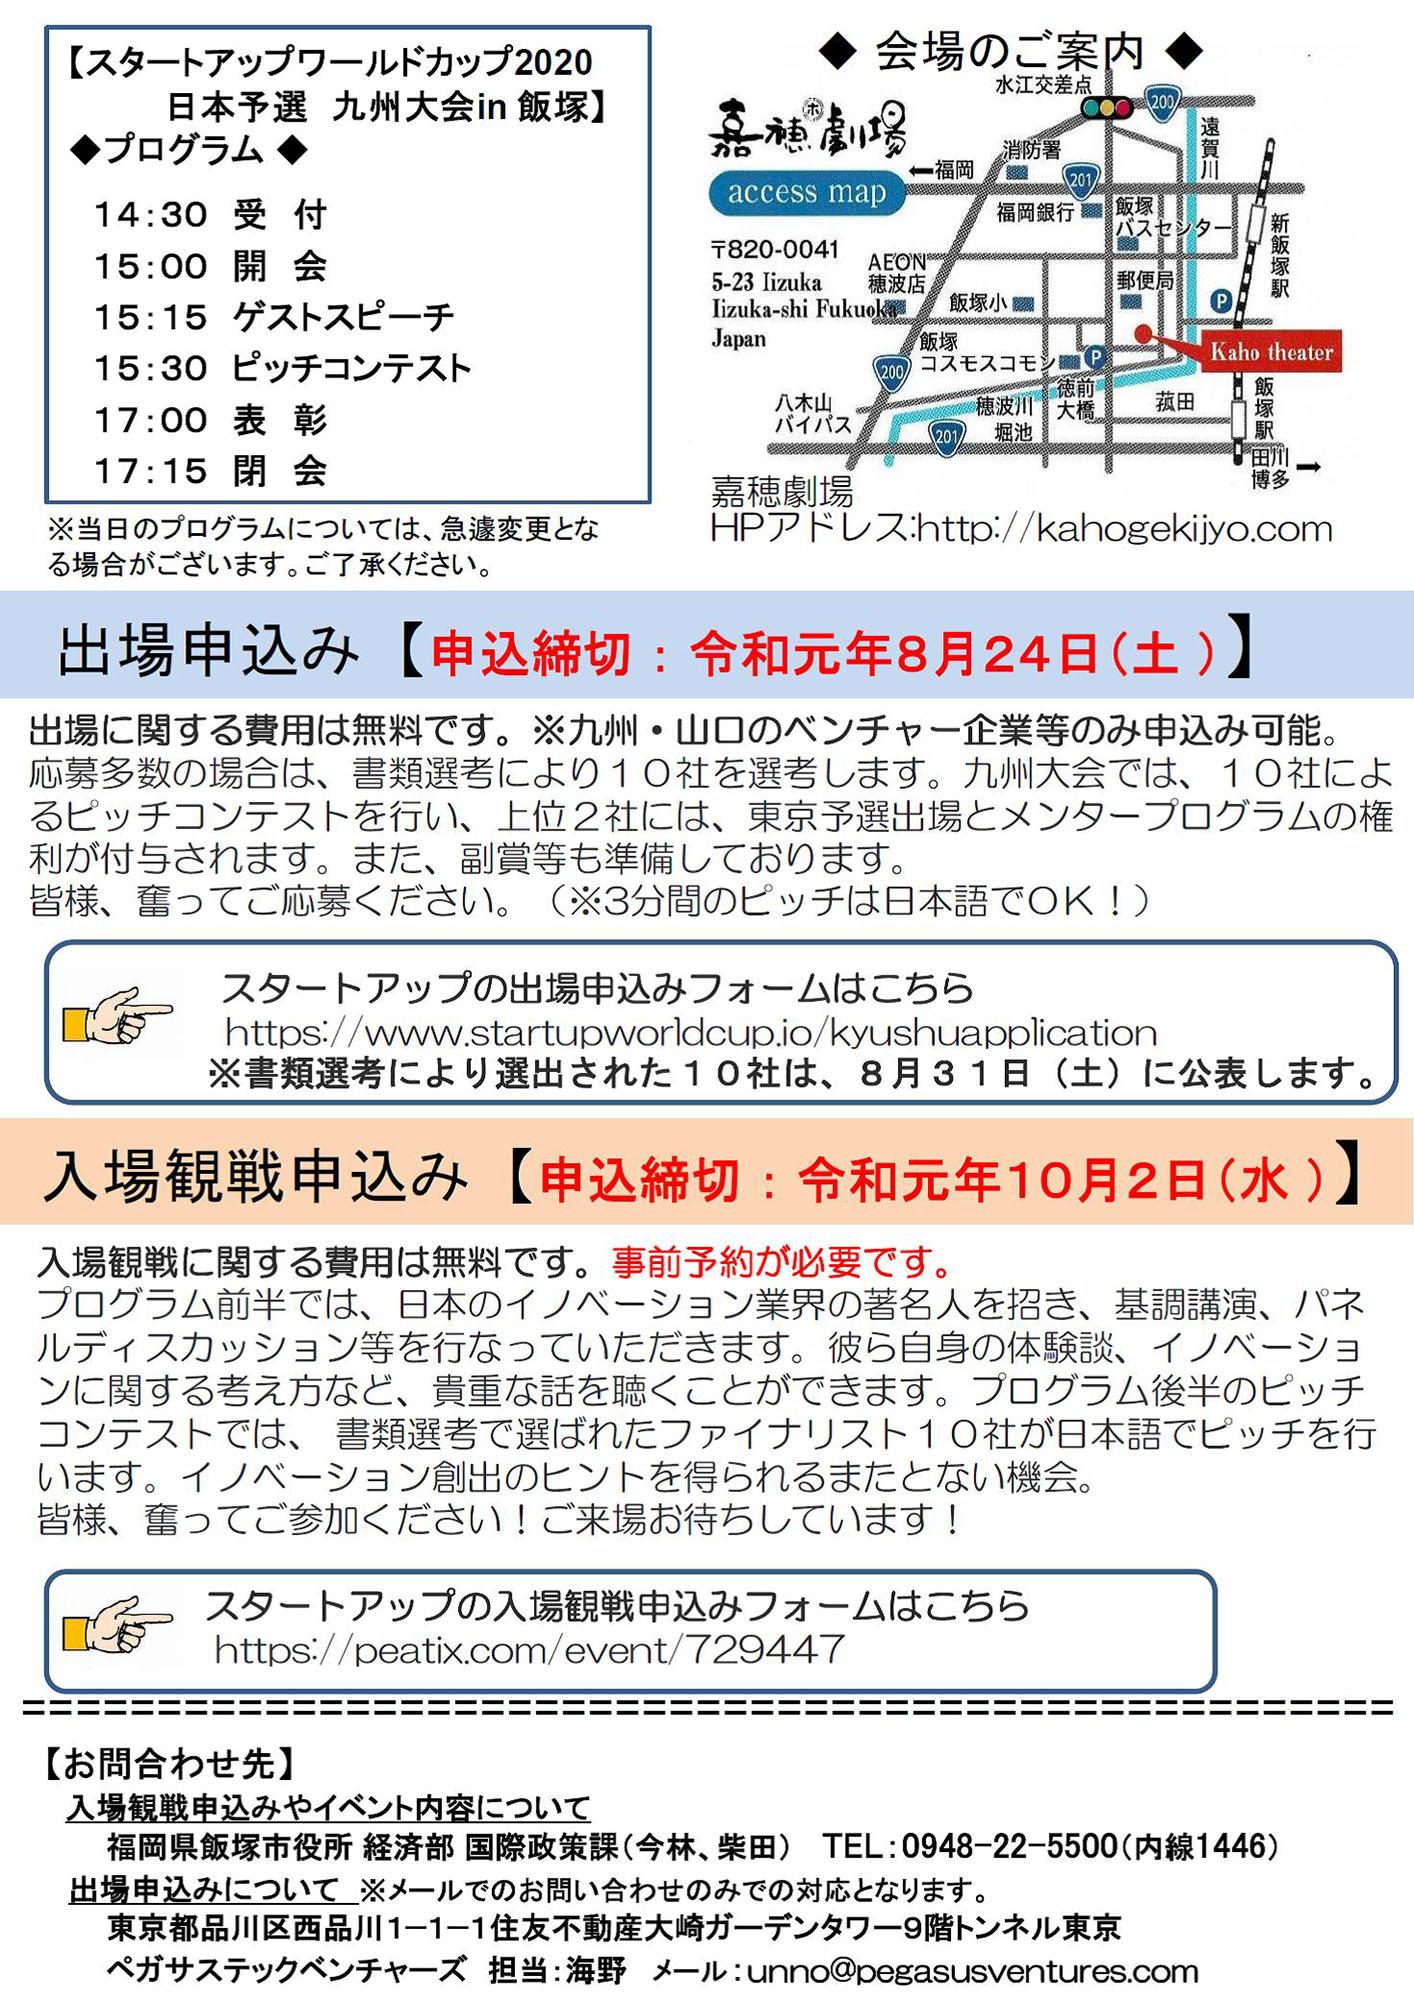 スタートアップワールドカップ2020 日本予選 九州大会in飯塚